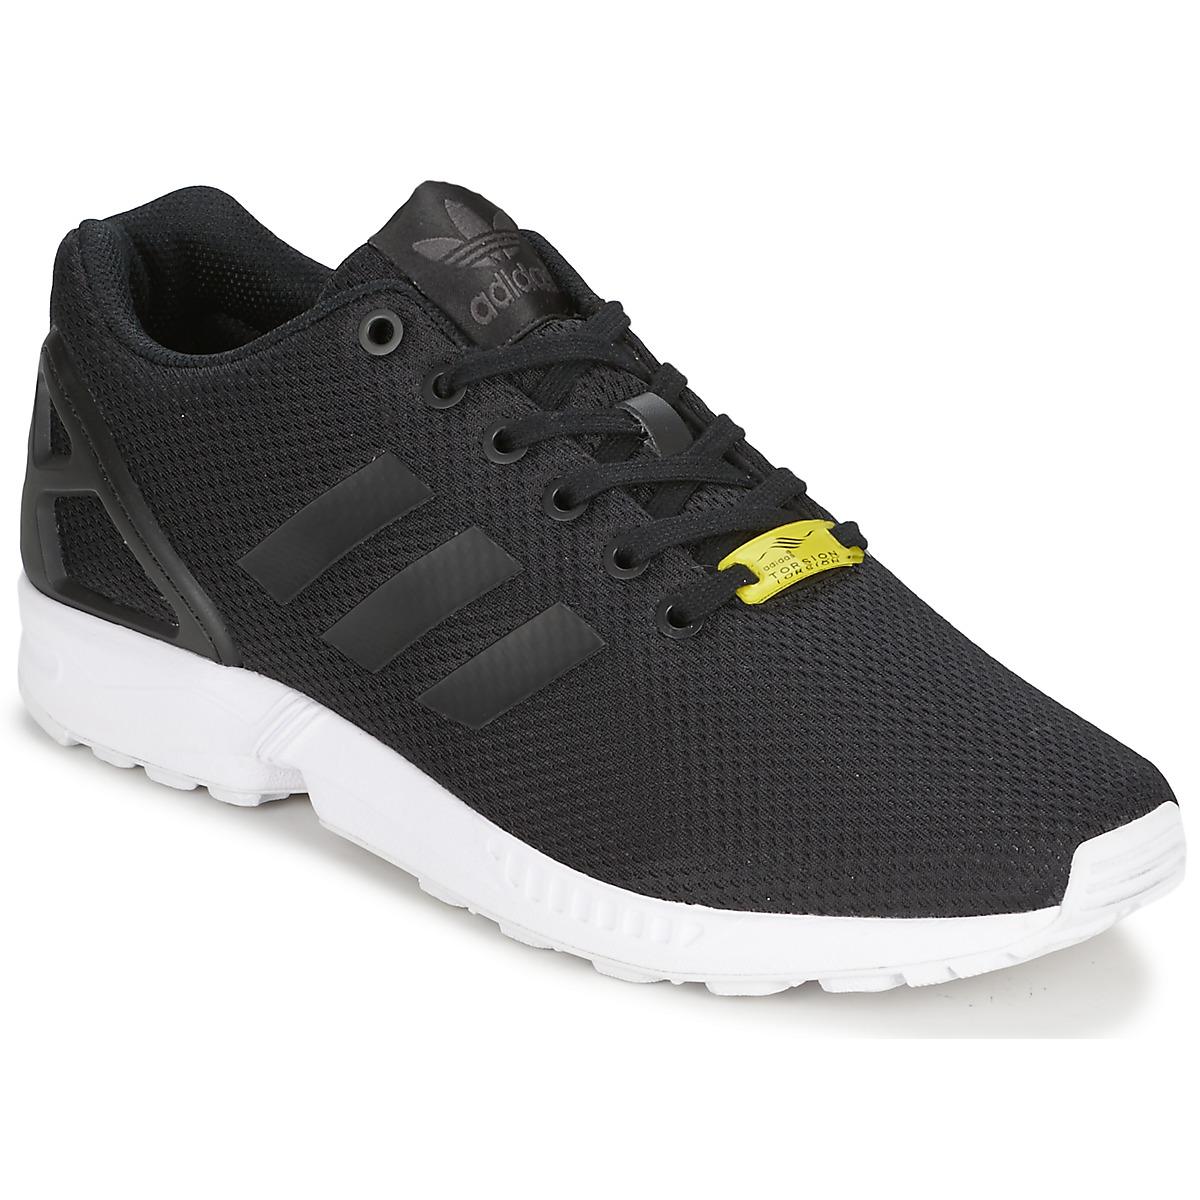 adidas Originals ZX FLUX Schwarz / Weiss - Kostenloser Versand bei Spartoode ! - Schuhe Sneaker Low  76,00 €